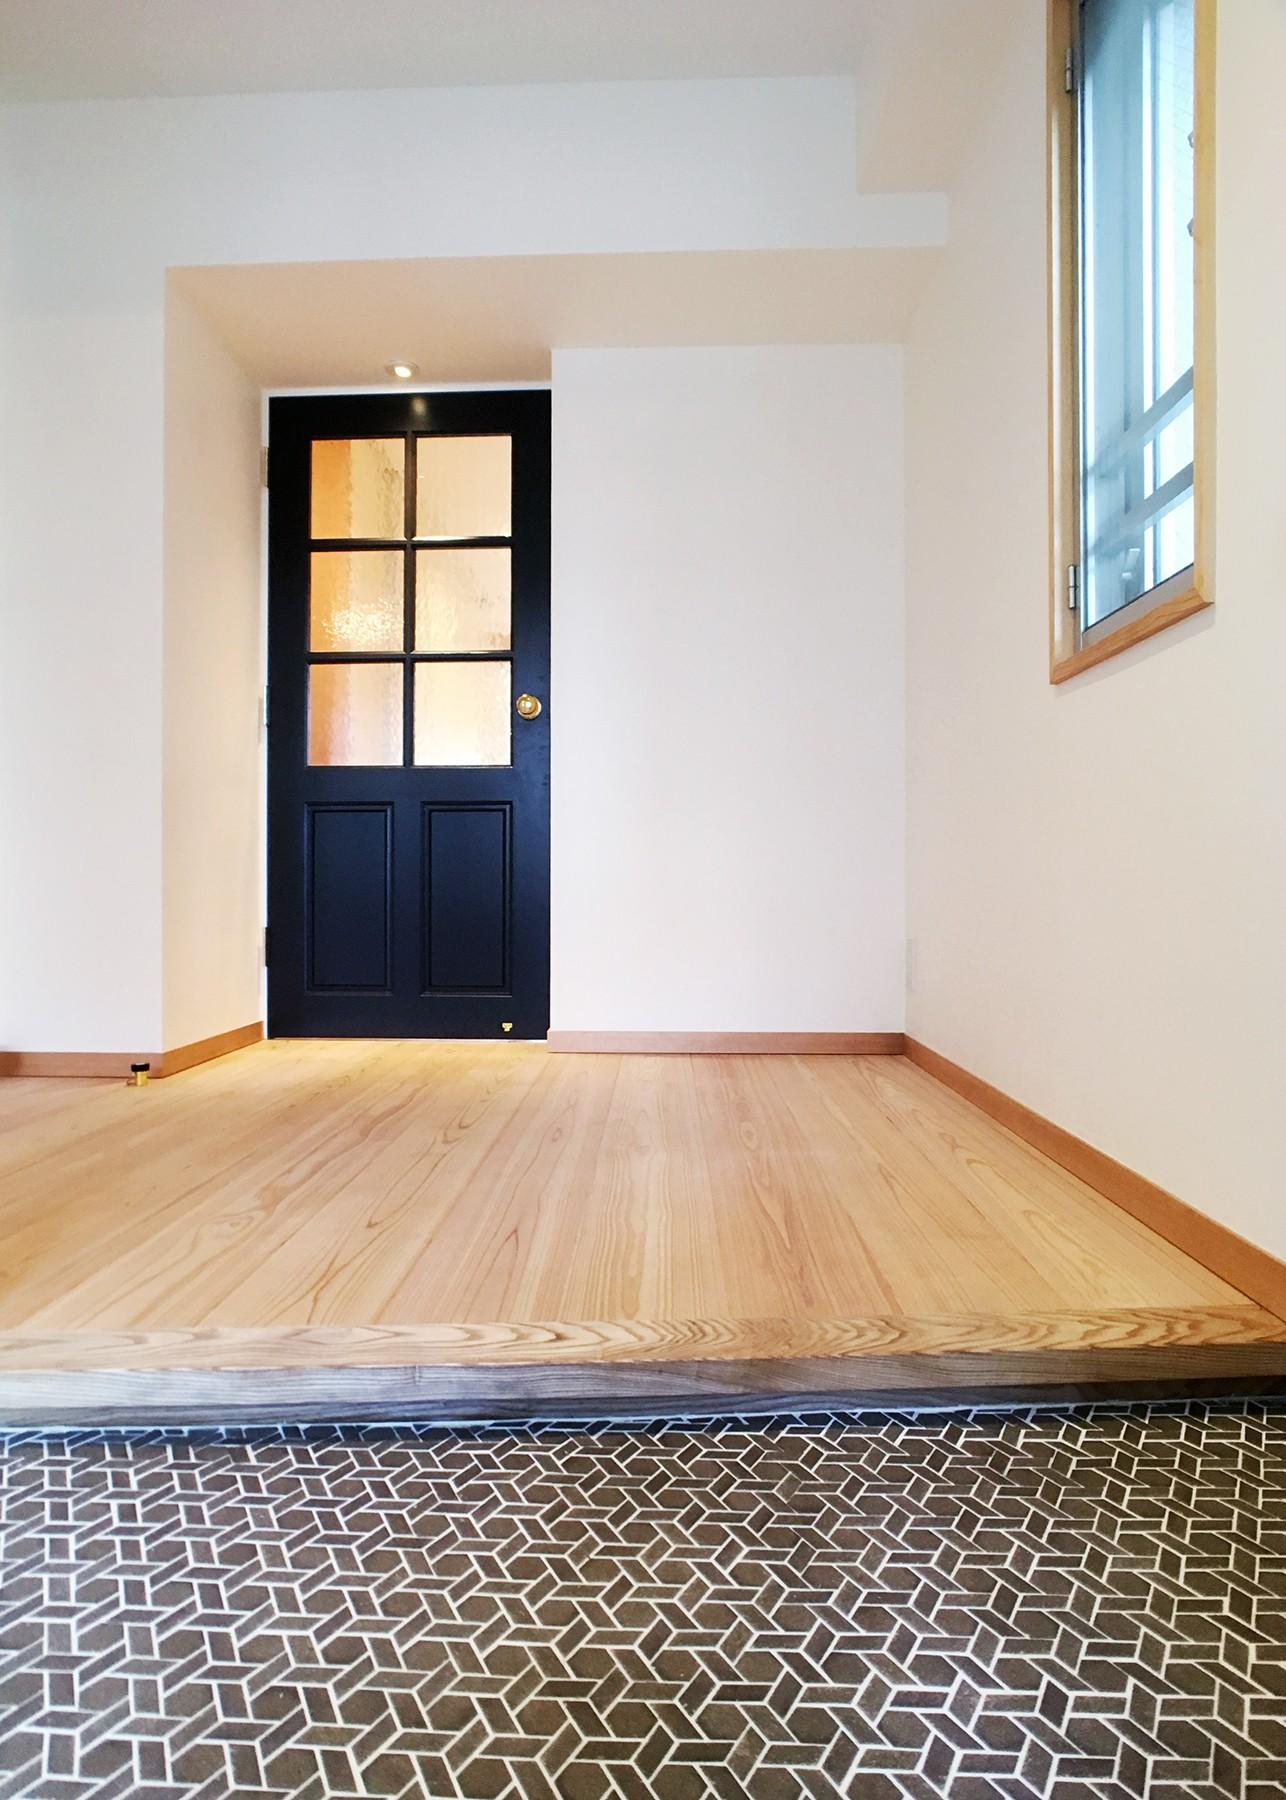 玄関事例:お気に入りのモザイクタイルが出迎えてくれる玄関(裁縫スペースのある家 浦和マンションリノベーション)